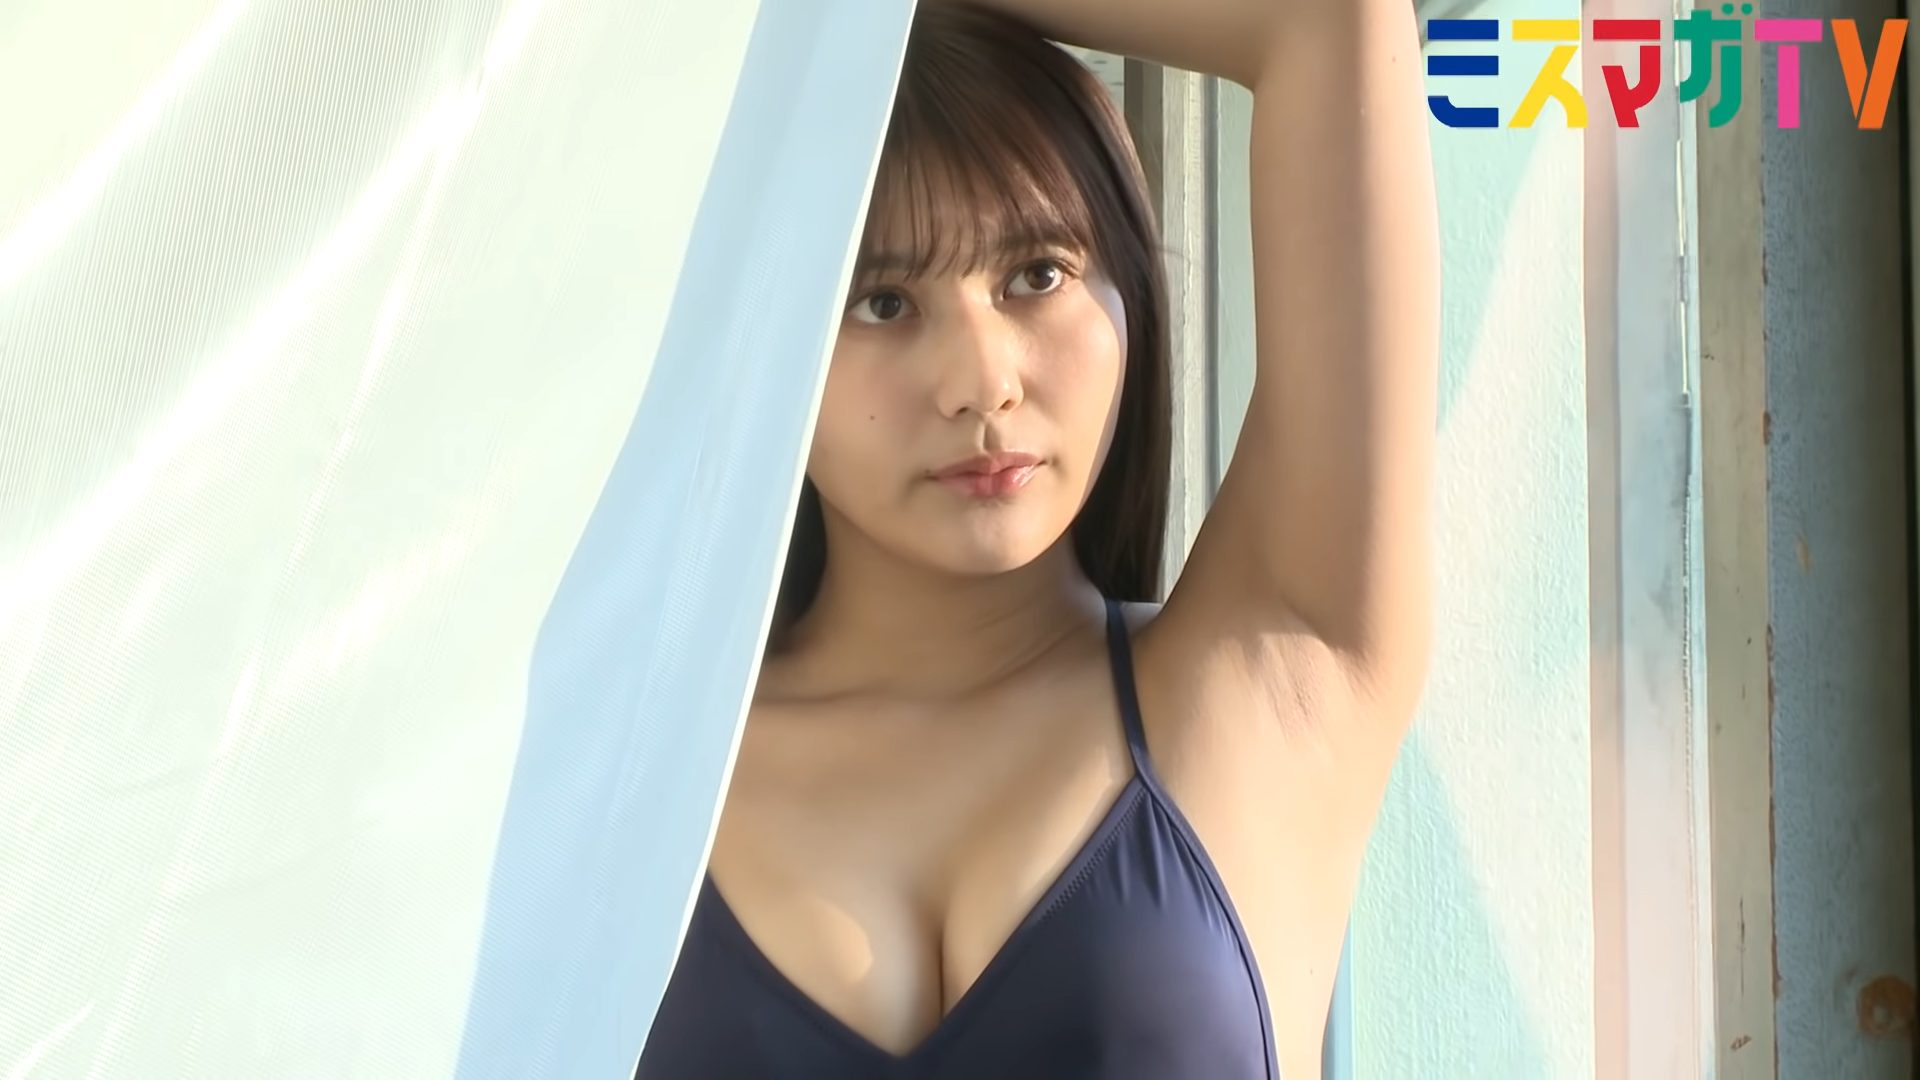 【新井遥 菊地姫奈】 グラビア撮影密着!実況中継!制服姿、水着姿、スク水姿を披露!